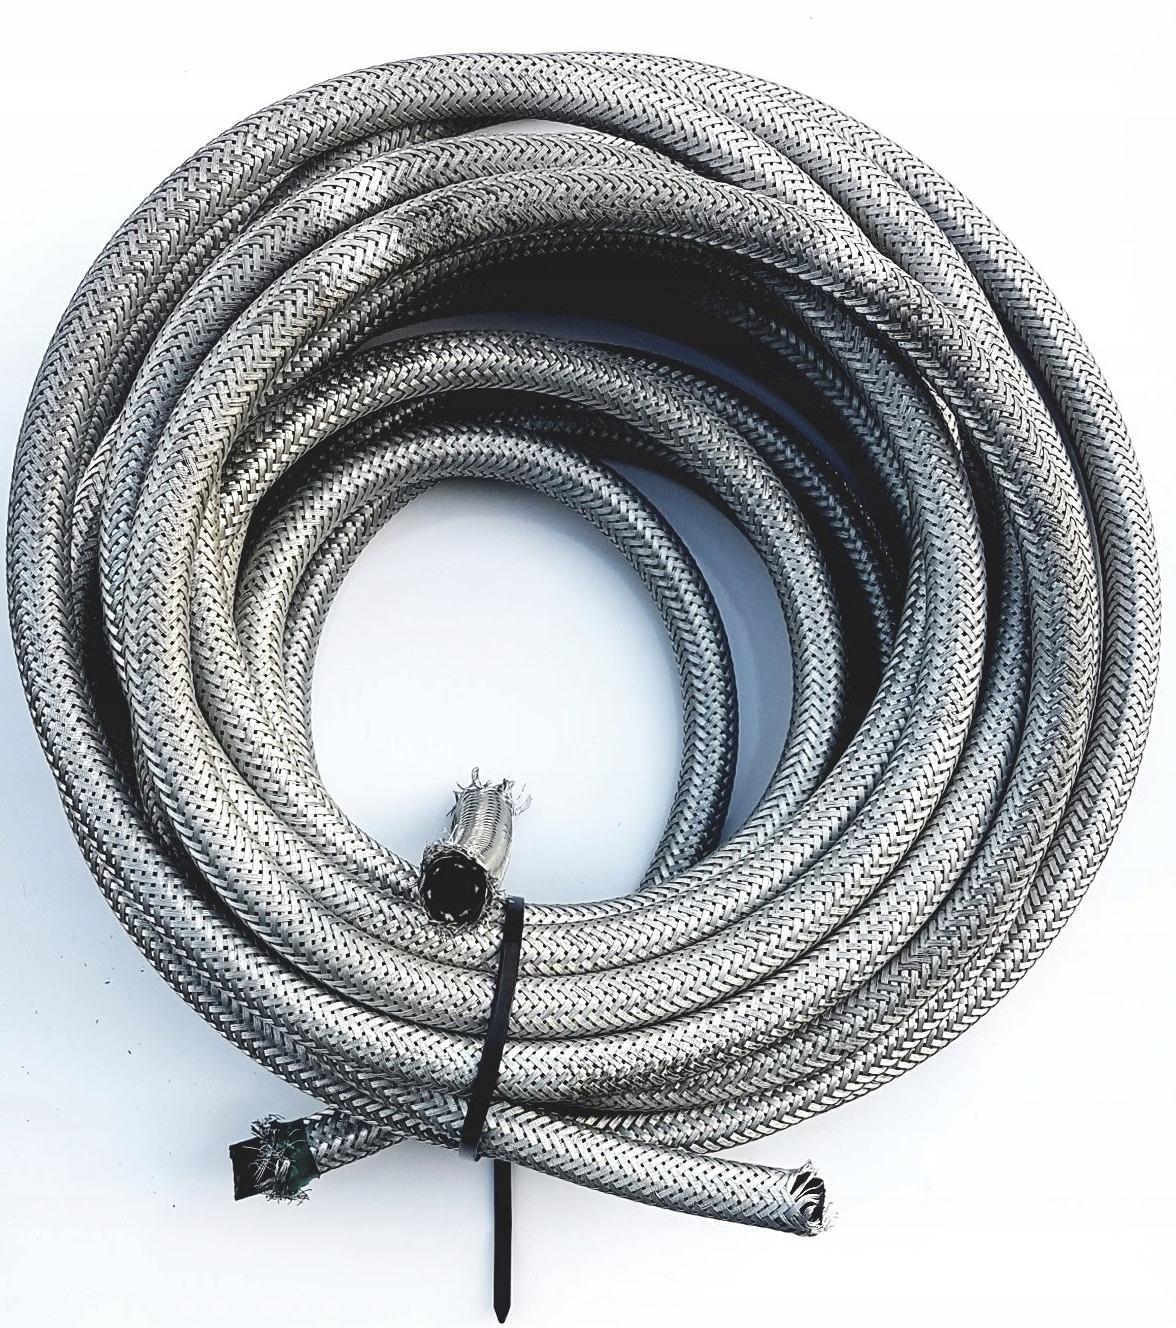 кабель топлива армированный 8mm w оплетке стальной